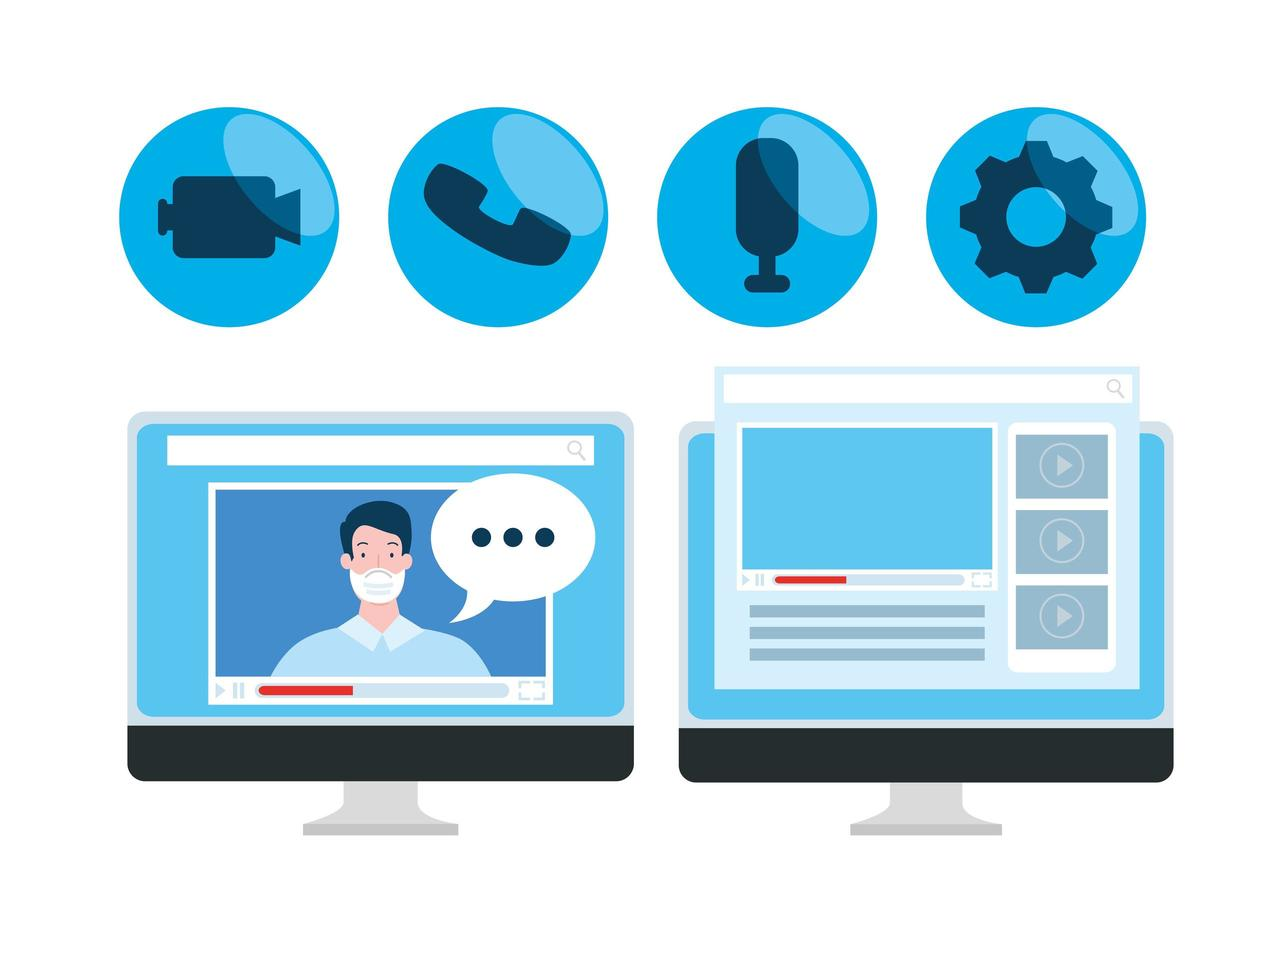 tecnologia de educação online com computadores e ícones vetor